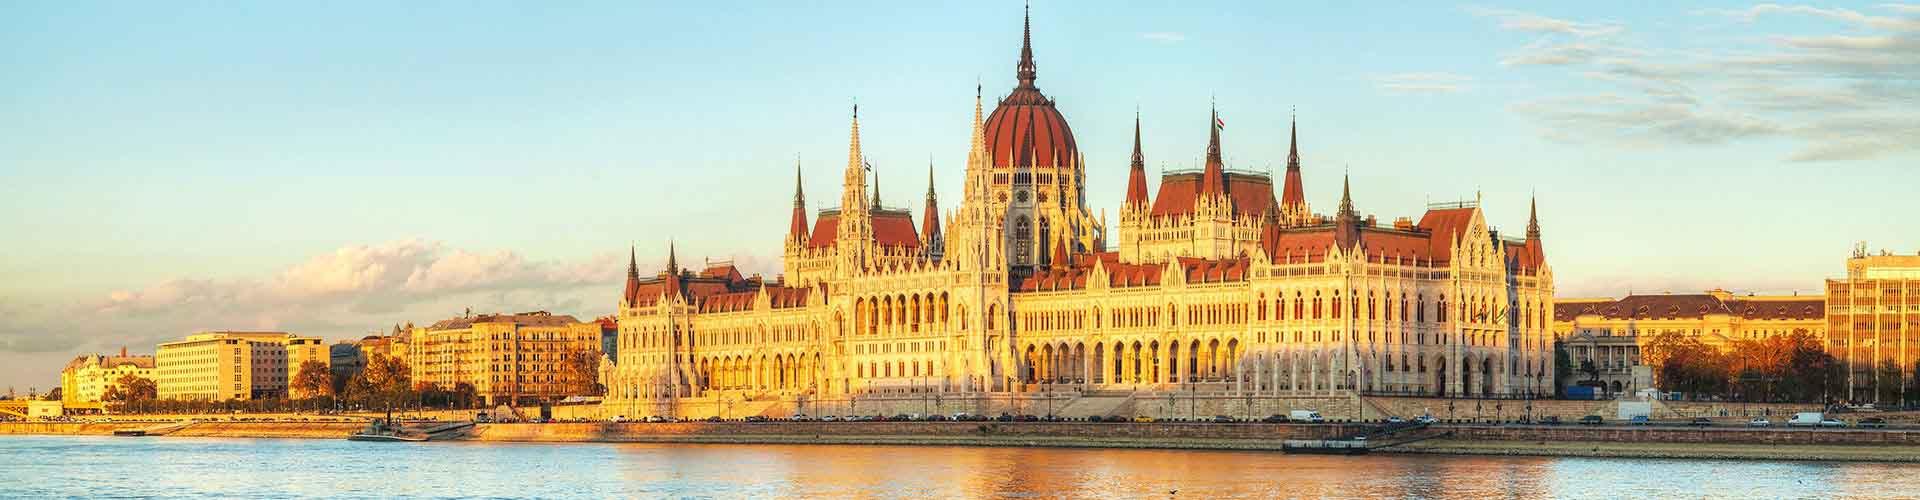 Budapešť - Hostelů v Budapešť. Mapy pro Budapešť, fotky a recenze pro každý hostel v Budapešť.